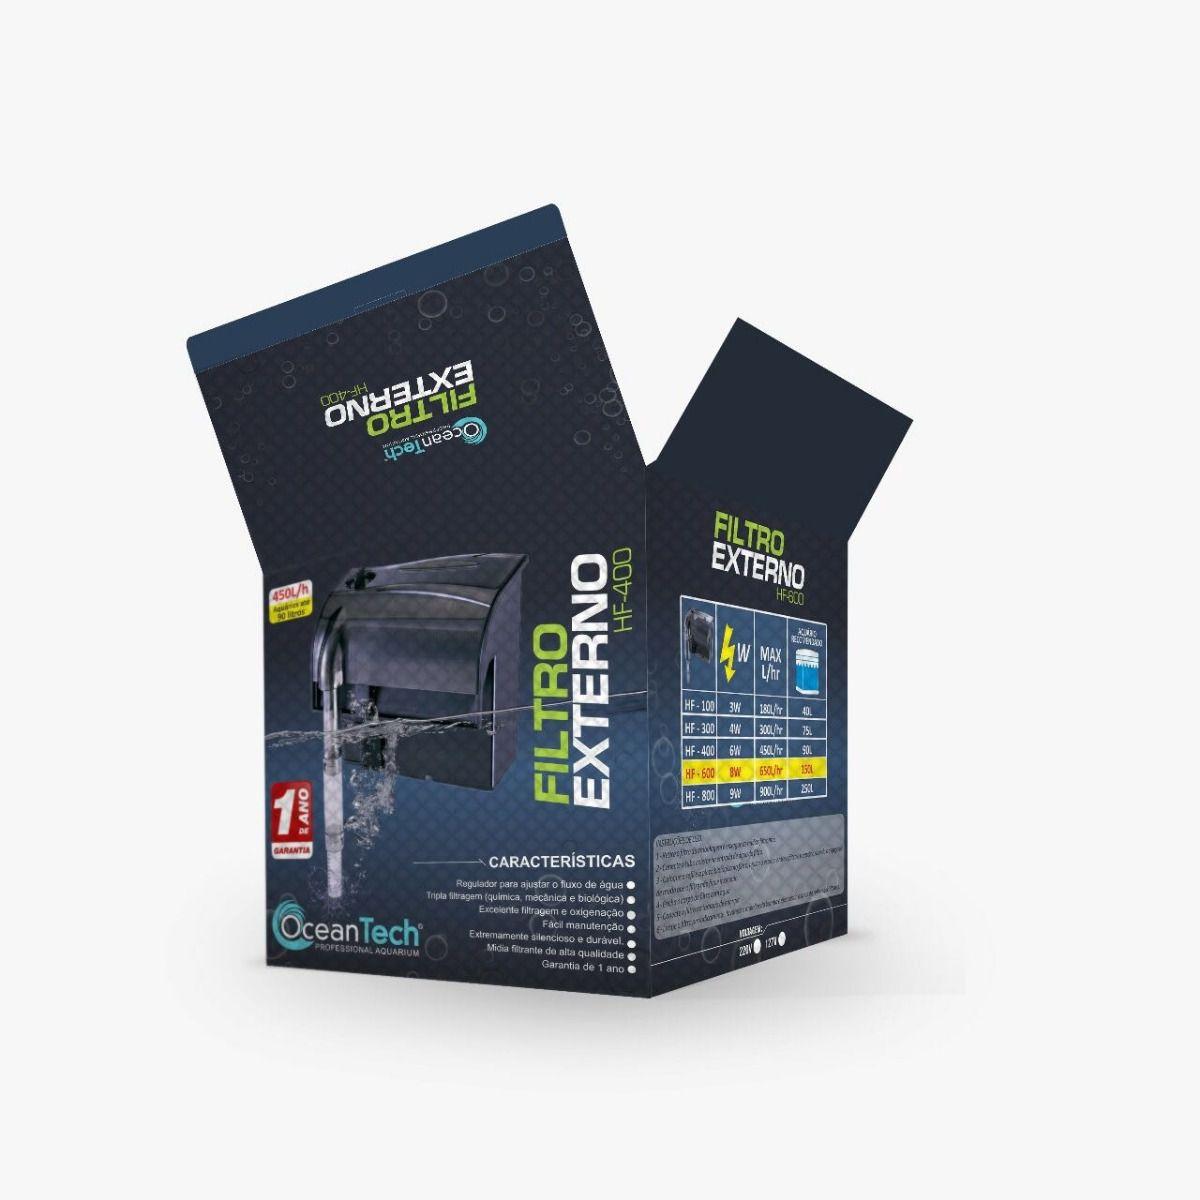 Ocean Tech Filtro Externo Hf-0400 - Até 90l